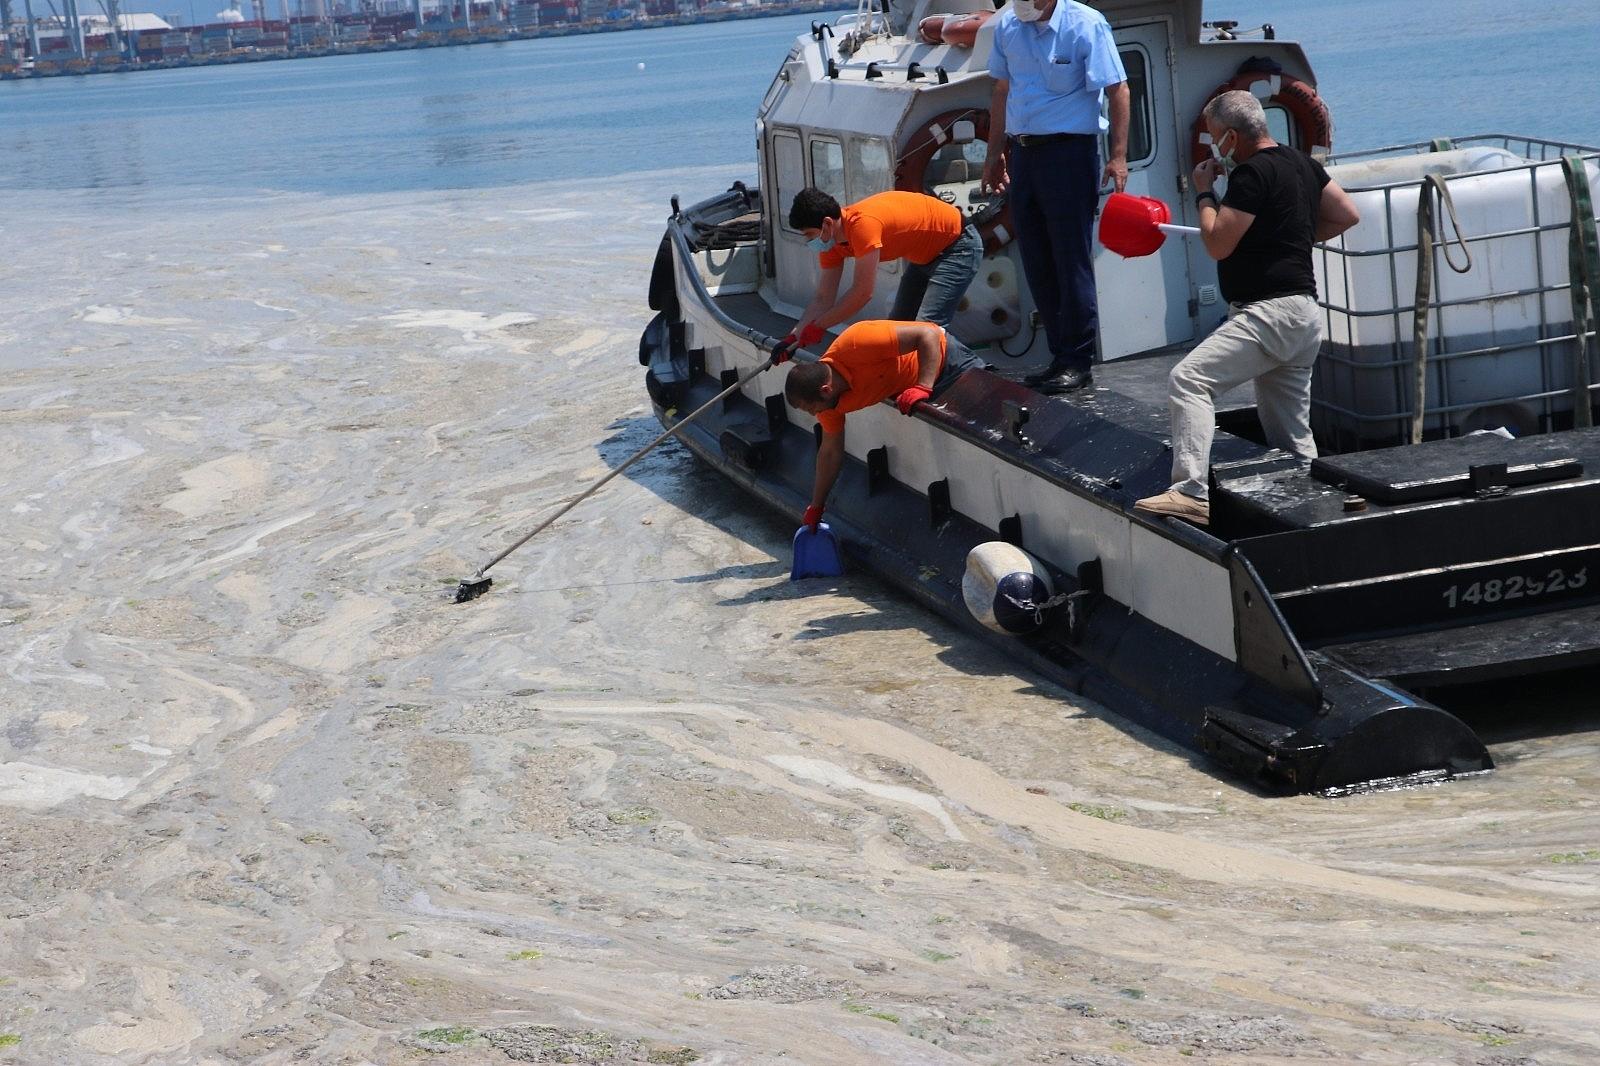 2021/06/vatandas-kureklerle-deniz-salyasi-temizledi-20210606AW33-4.jpg